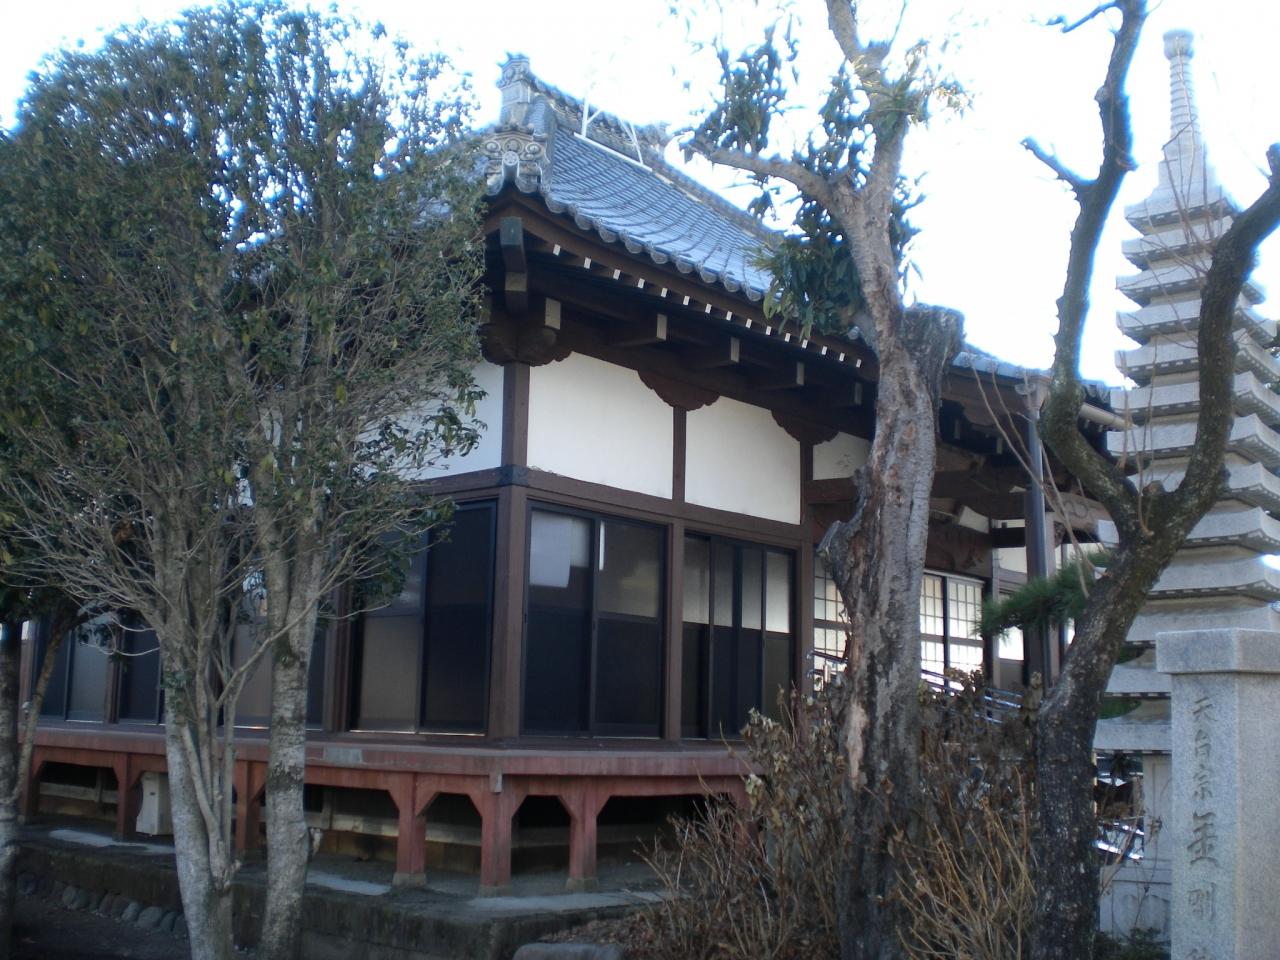 七日市藩の総鎮守だった蛇宮神社の別当寺でした